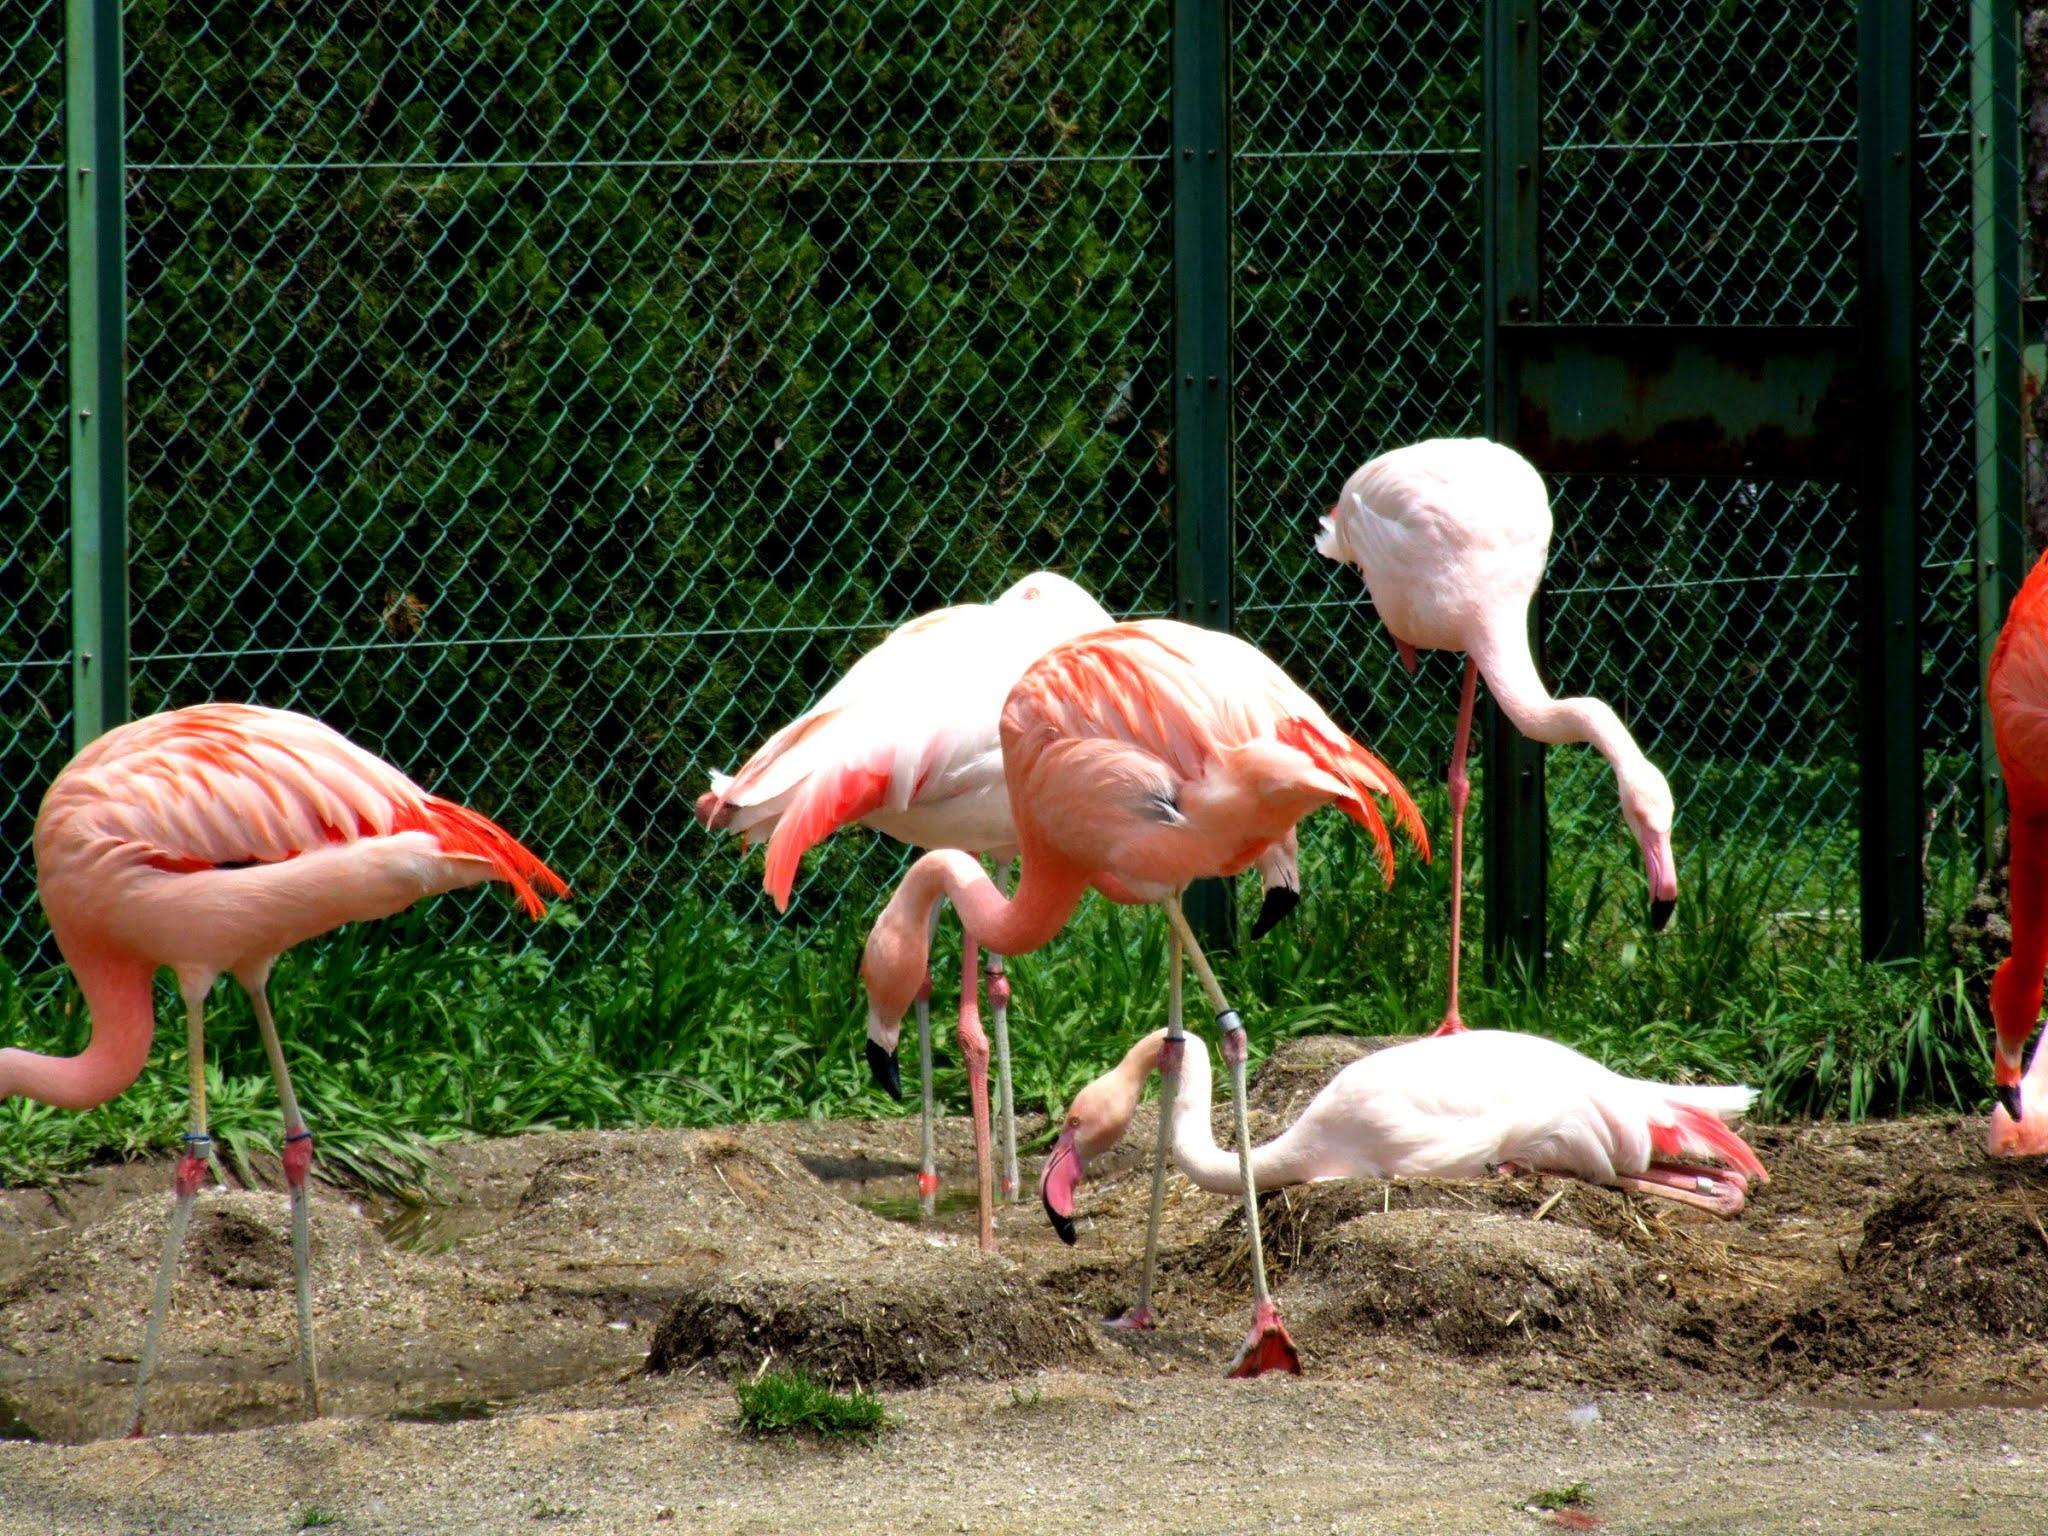 ピンク色が鮮やかなフラミンゴの写真素材です。白っぽい子、かなり赤い子など色あざやかで可愛いですね。